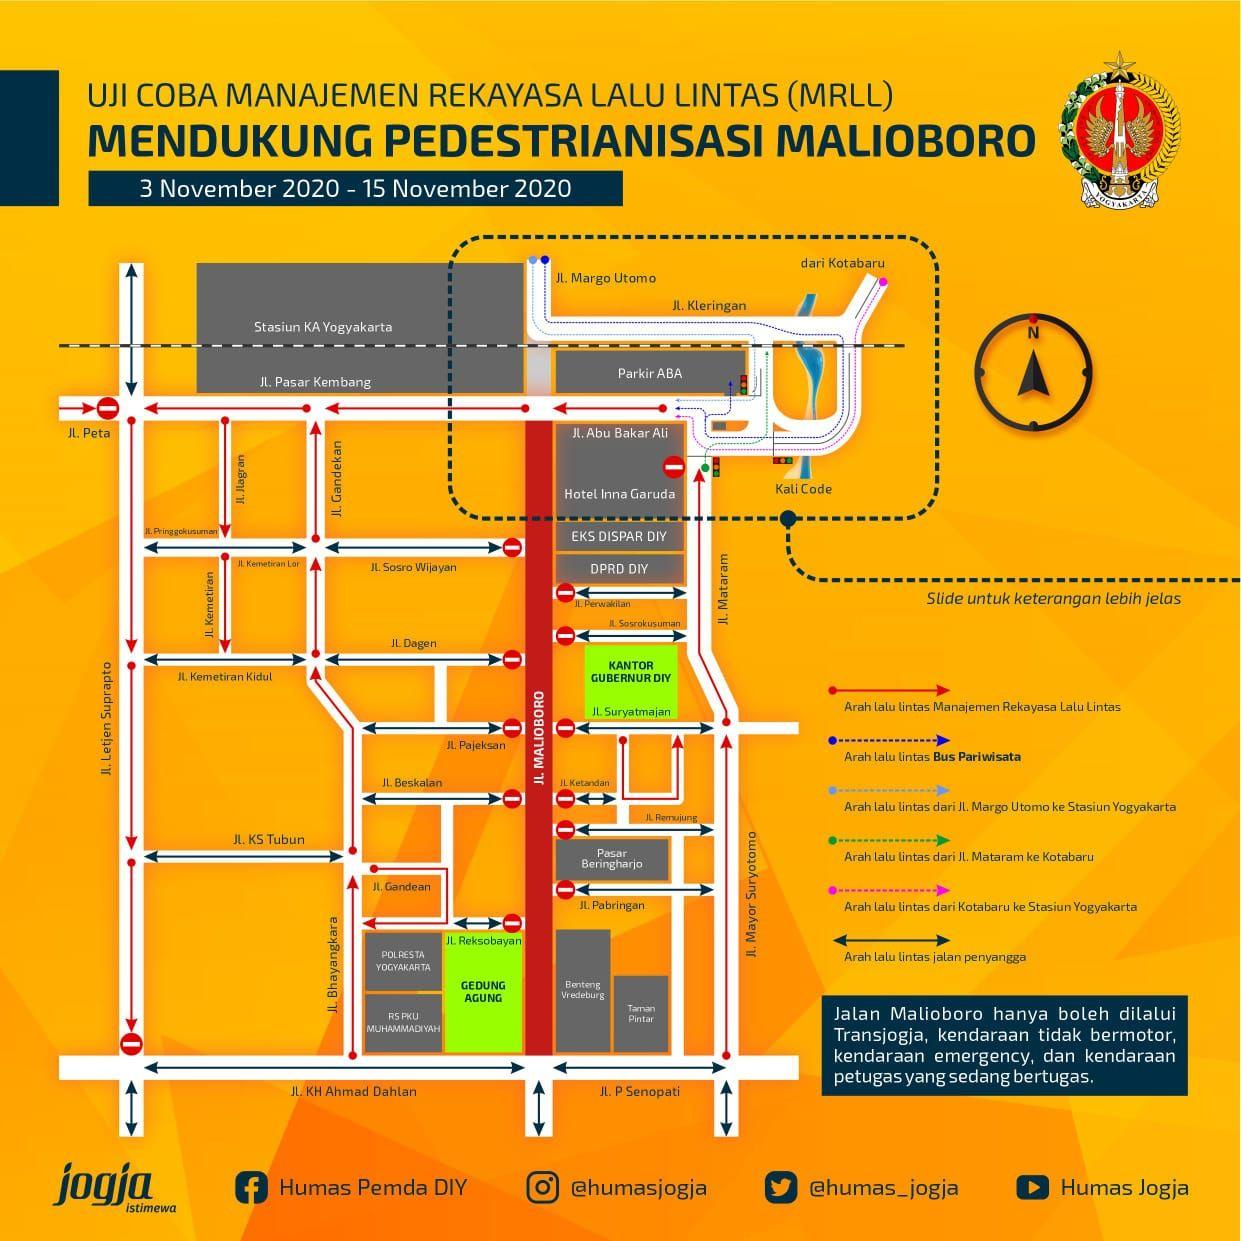 Rute pengalihan arus lalu lintas di Jl Malioboro mulai Selasa (3/11/2020)